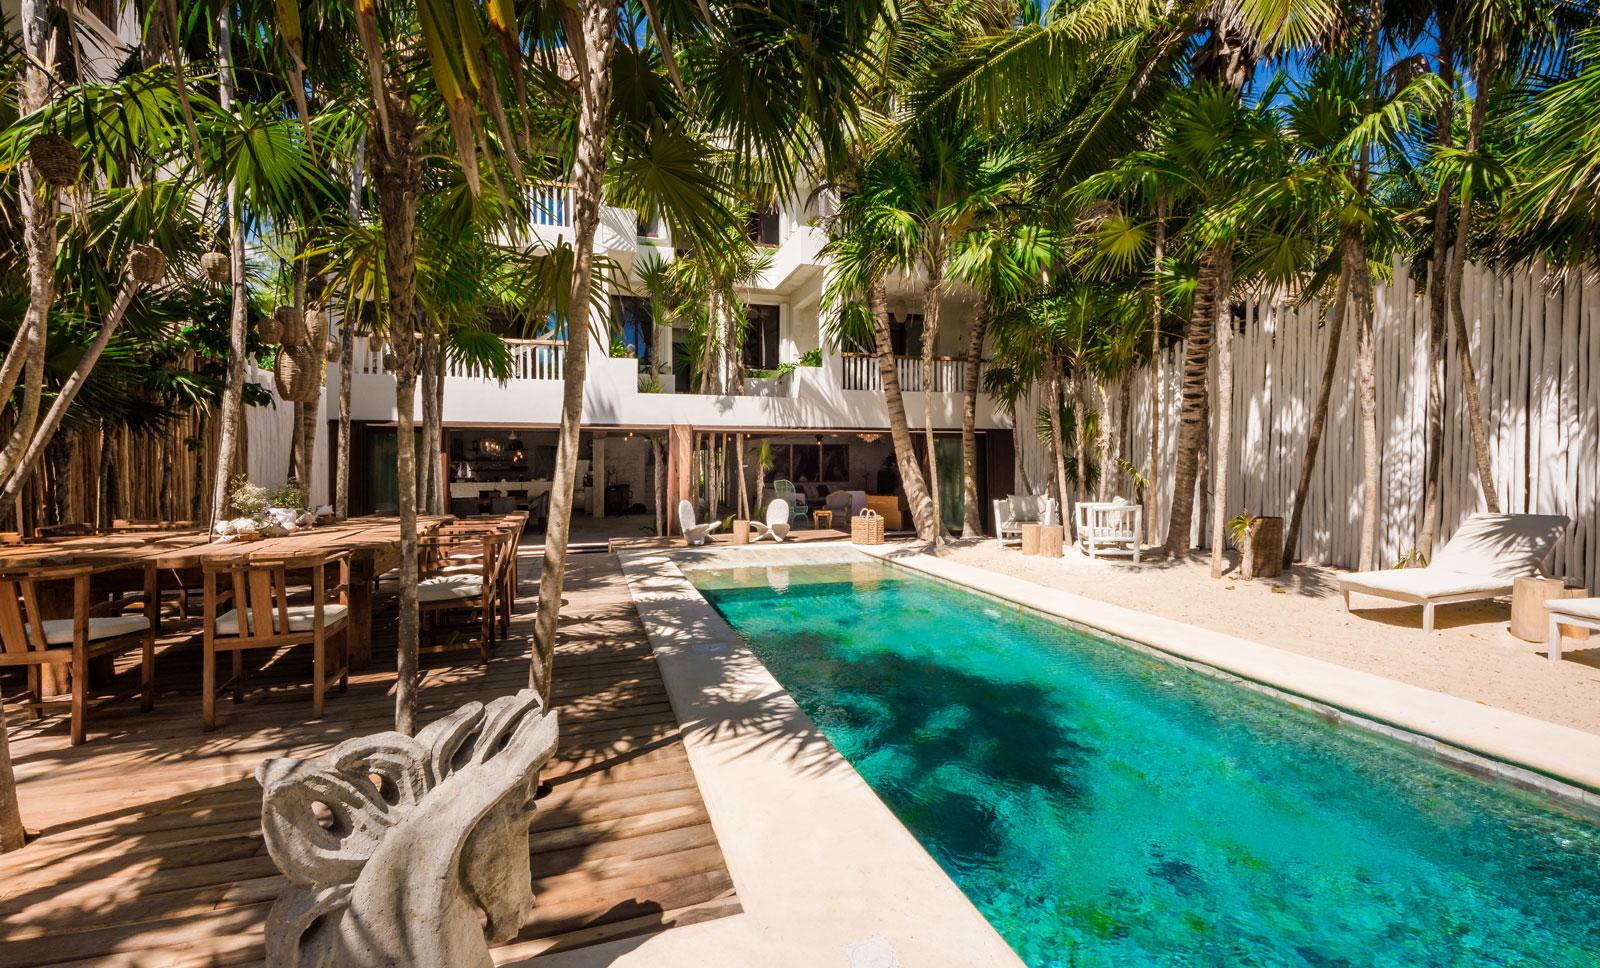 Maya_Luxe_Riviera_Maya_Luxury_Villas_Experiences_Soliman_Bay_Tulum_5_Bedrooms_Villa_La_Semilla_9.jpg